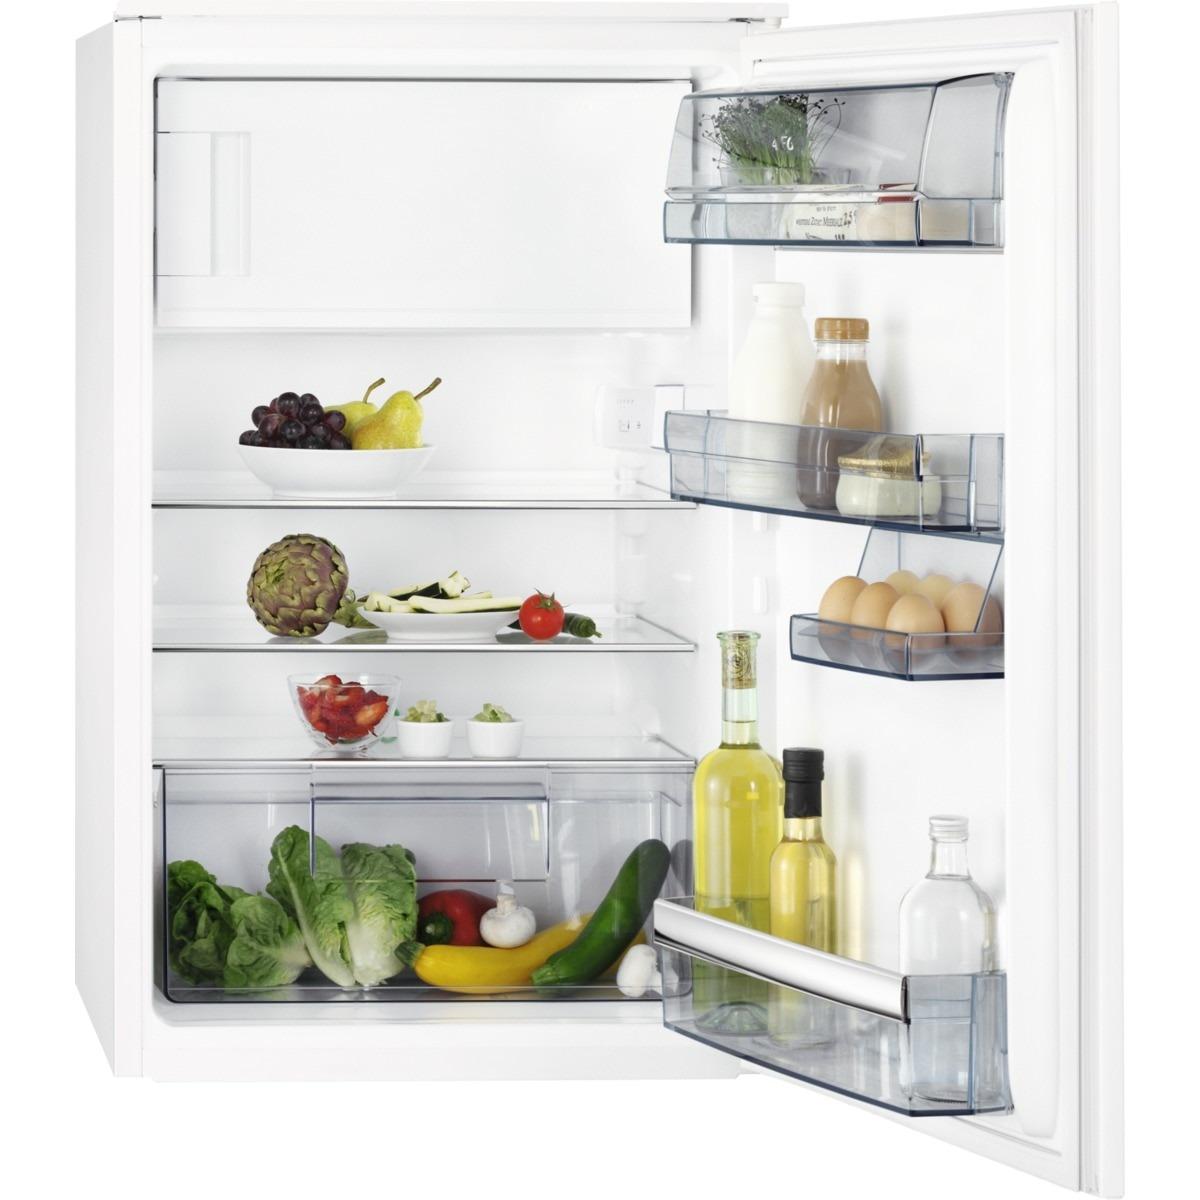 AEG SFK688F1AS Inbouw koelkast Wit